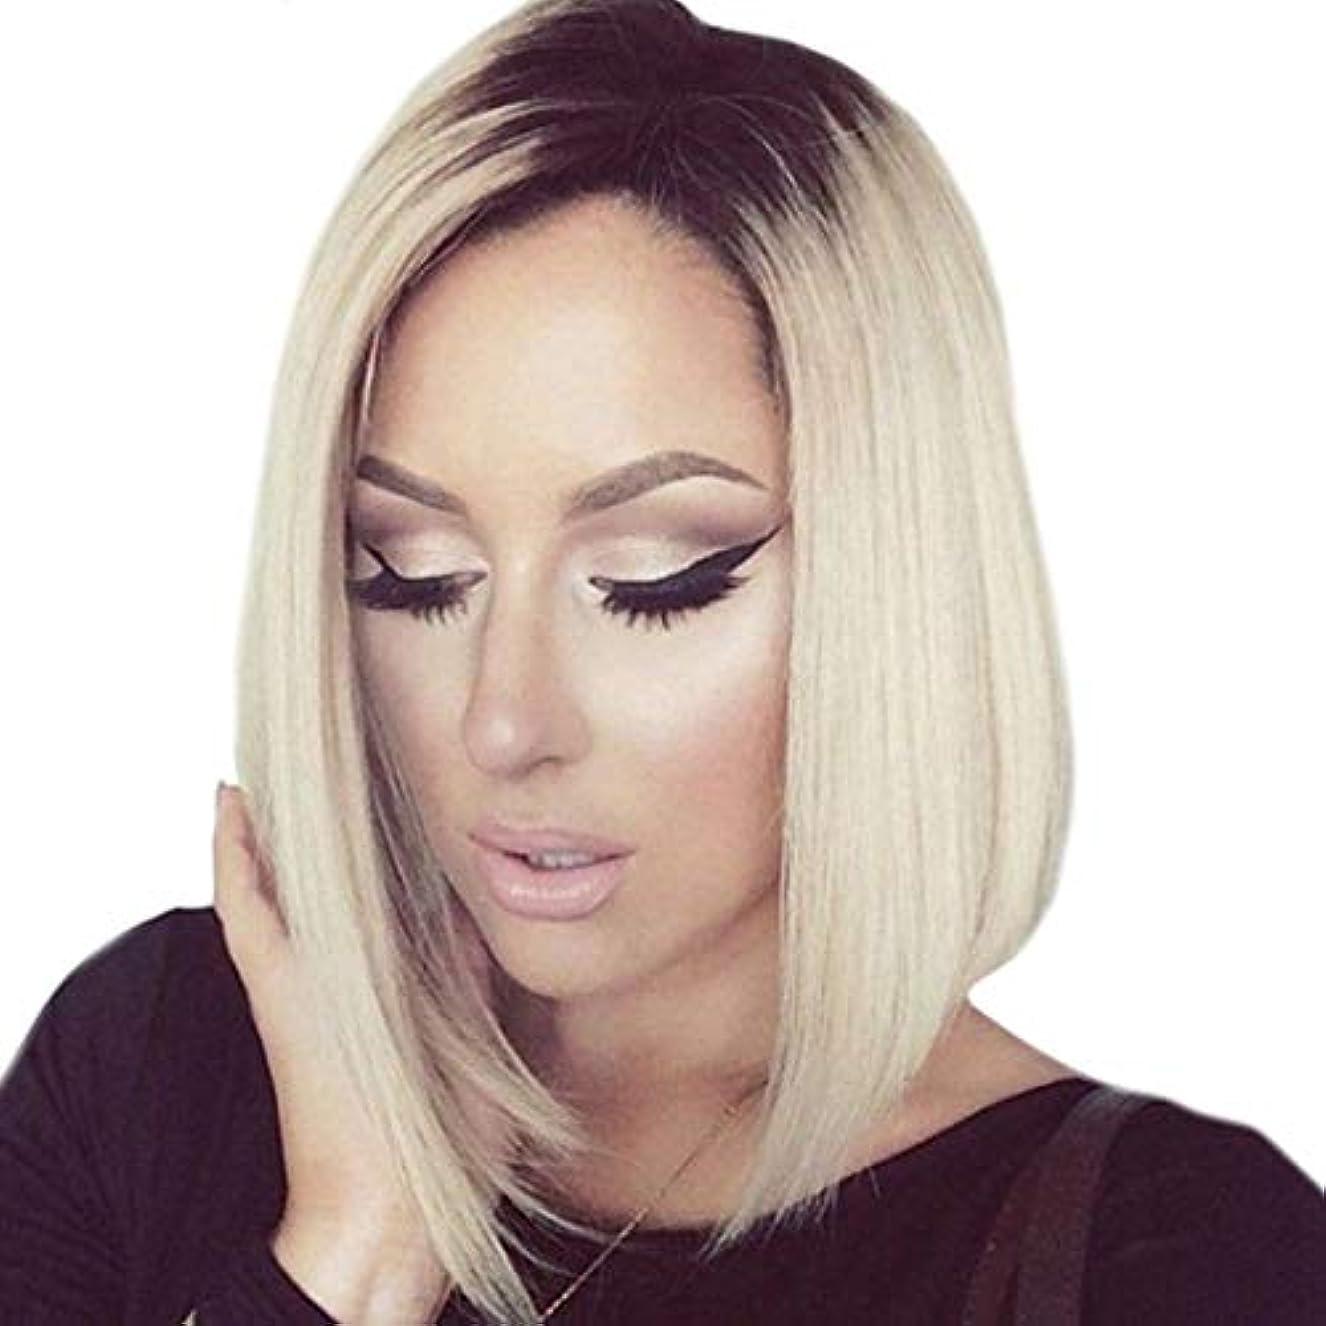 かなりの手適応Kerwinner 女性のためのミディアムロングストレートヘアショルダーグラデーションカラーウィッグヘッドギア